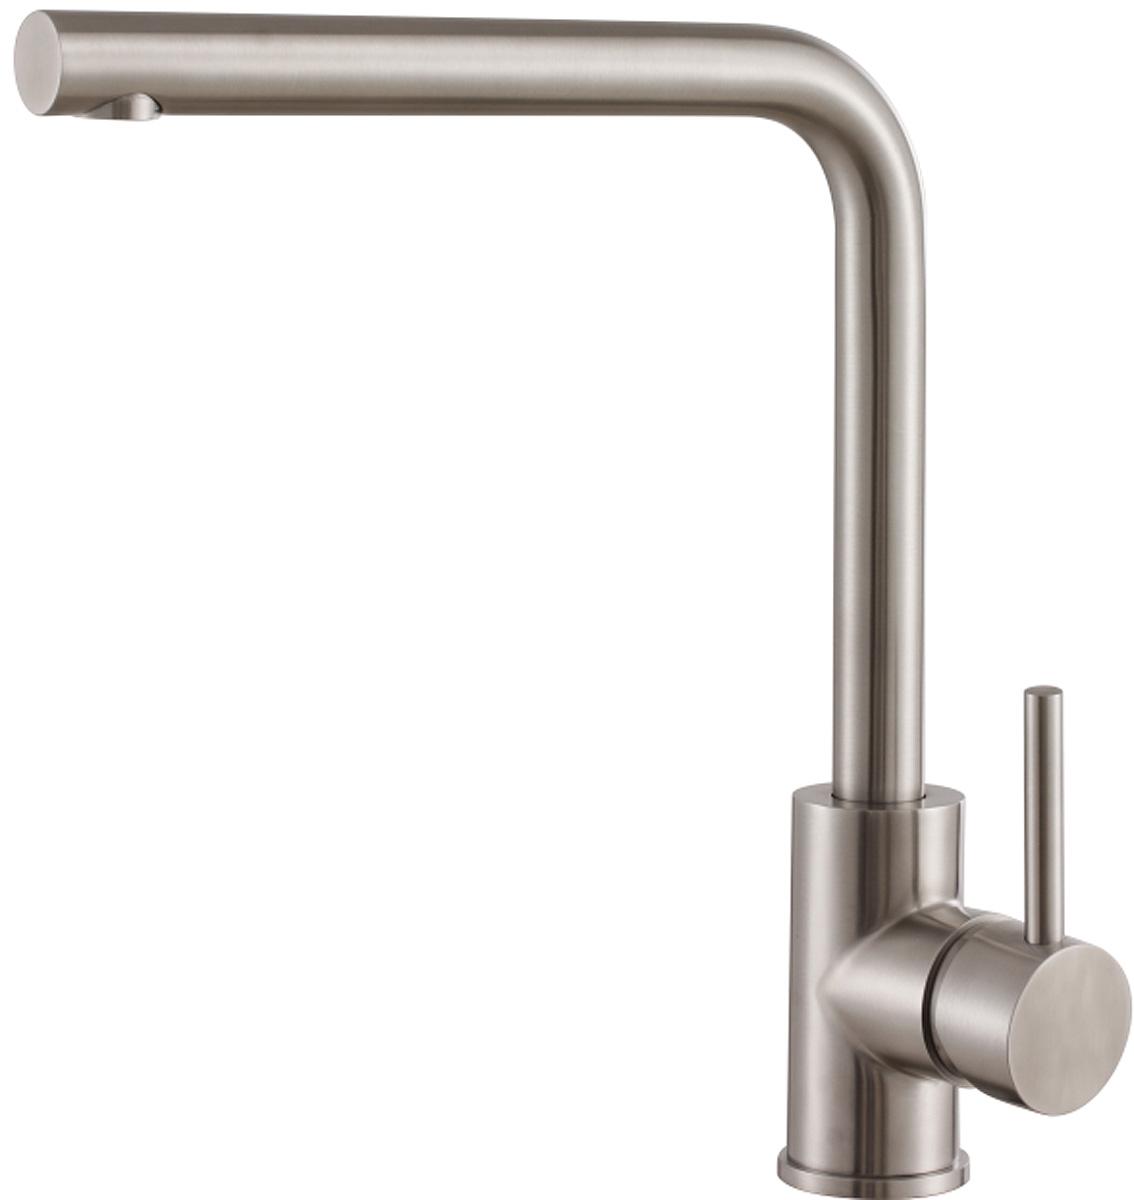 Смеситель для кухонной мойки РМС, вертикальный, цвет: серебристый. SL124-017F-1 смеситель для кухни рмс sl121 с высоким изливом sl121bl 017f